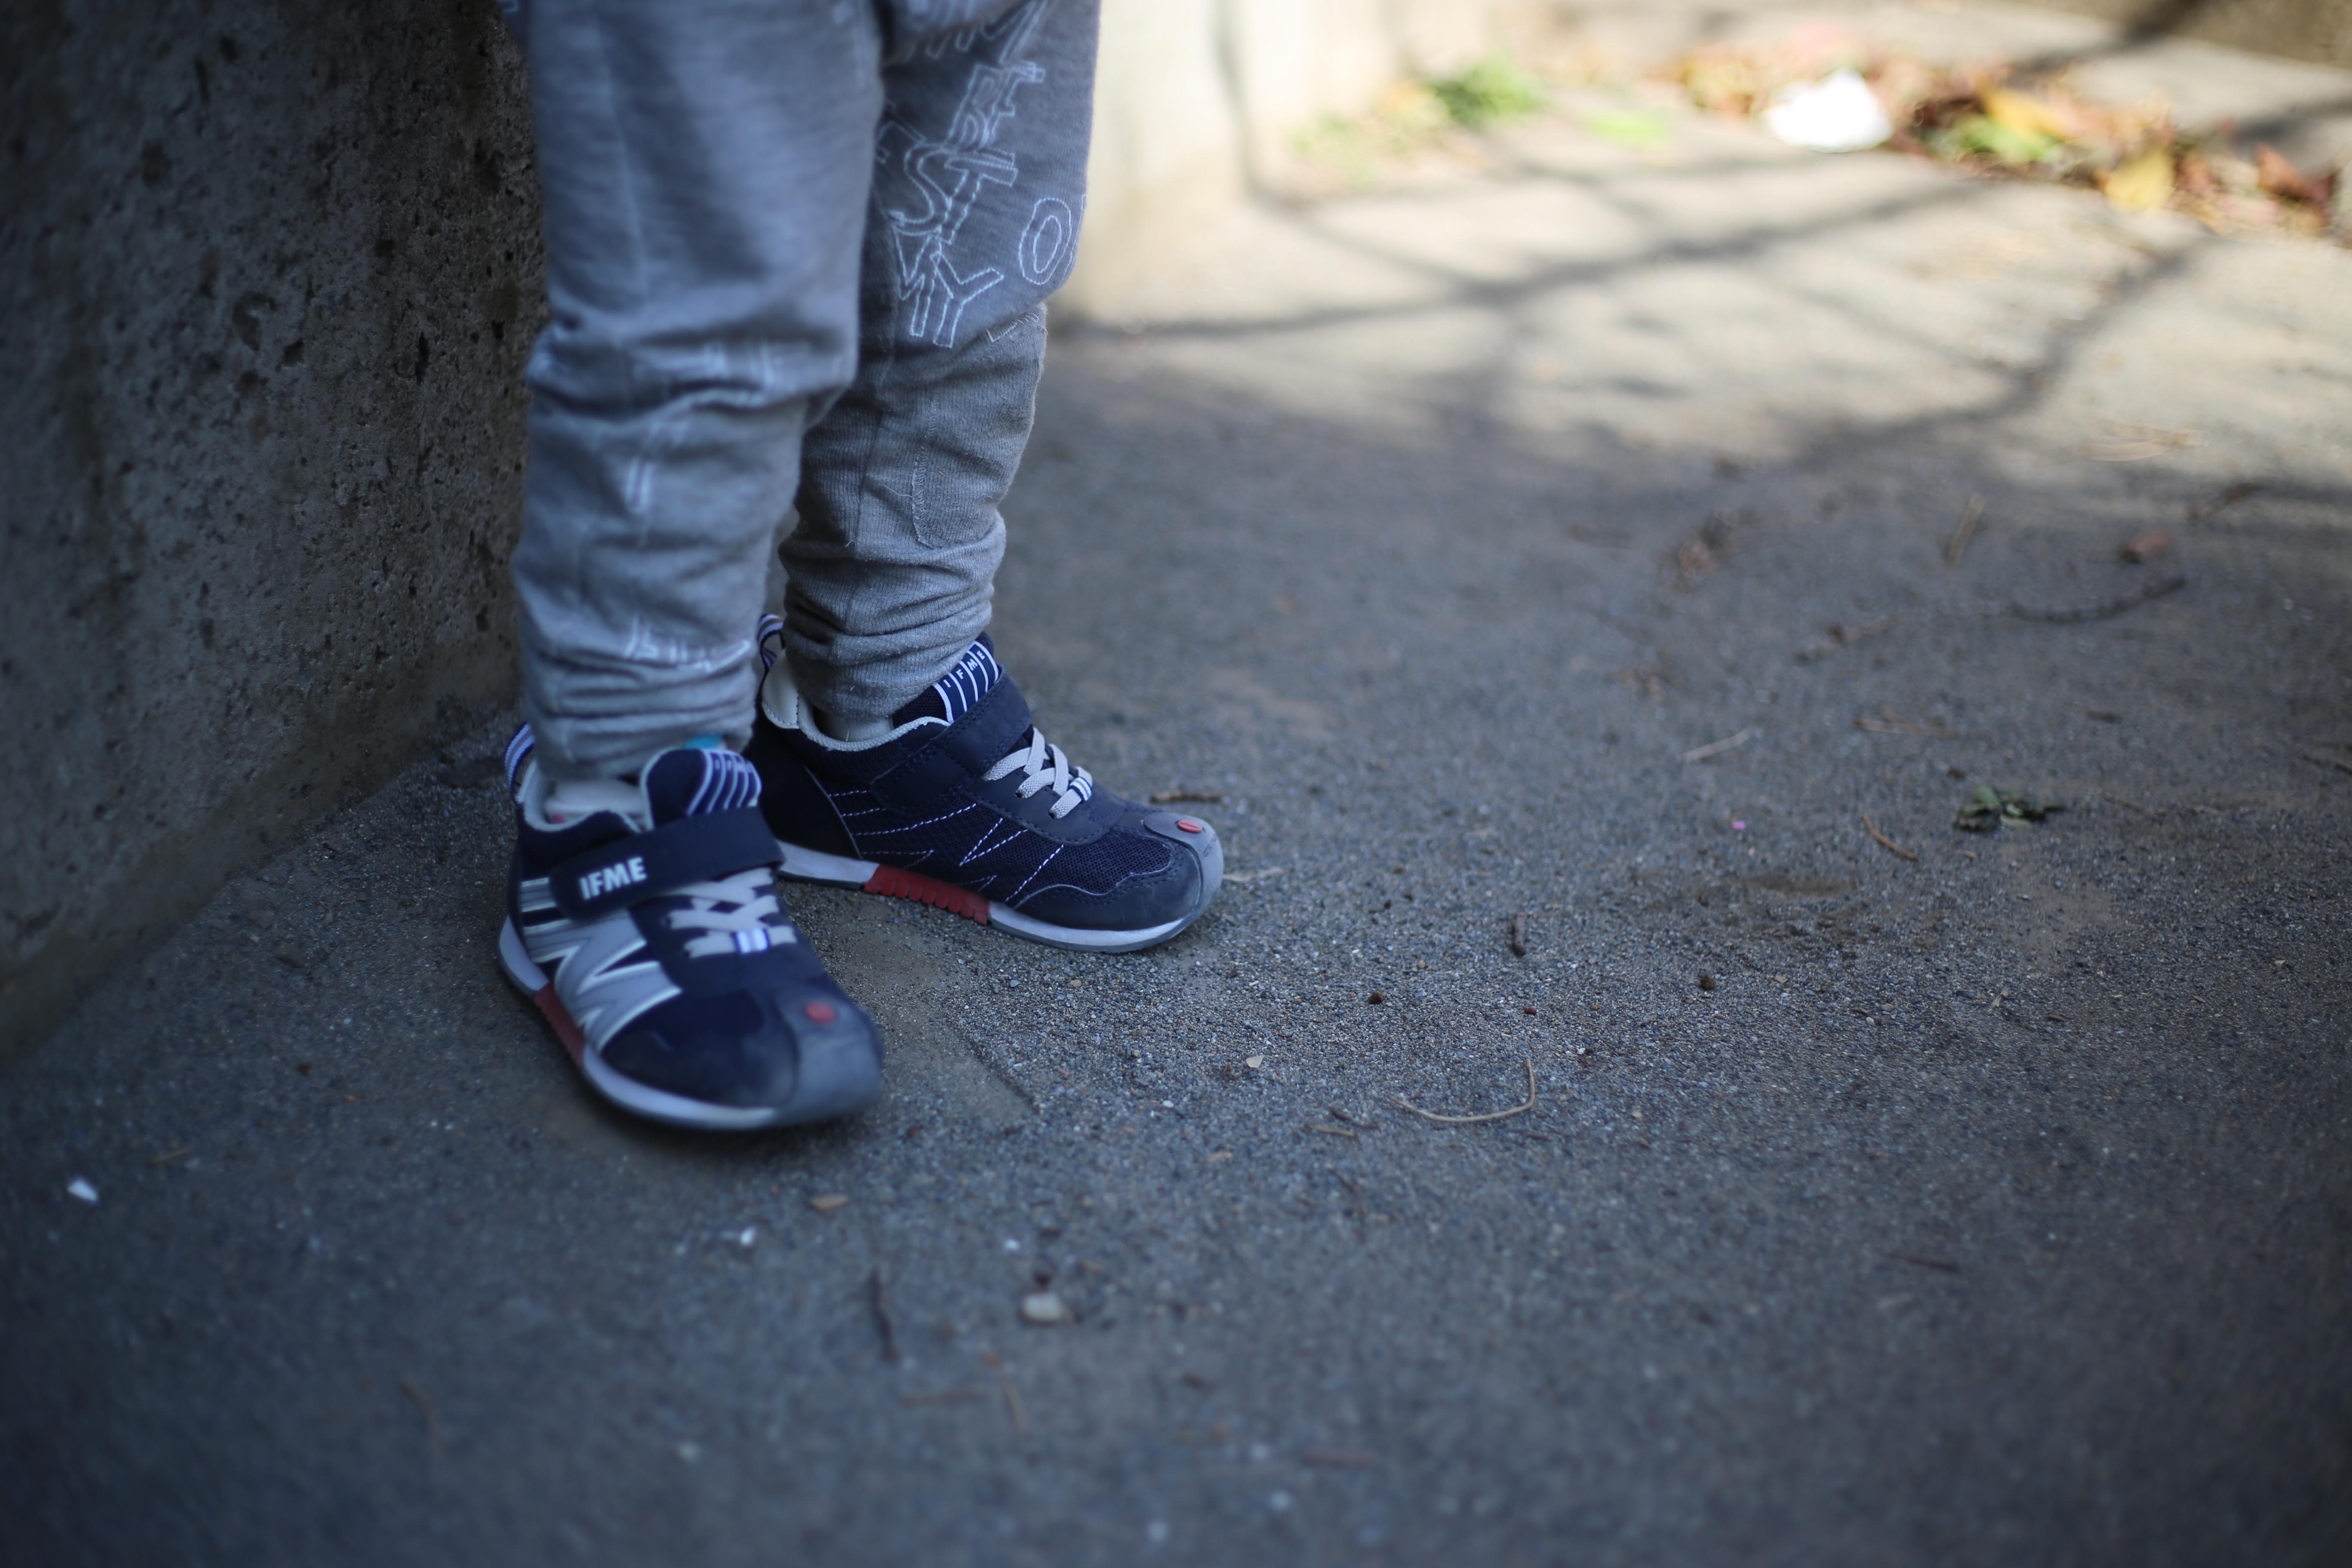 難しいけど楽しくもなってきた 子供の靴選び 5歳&3歳